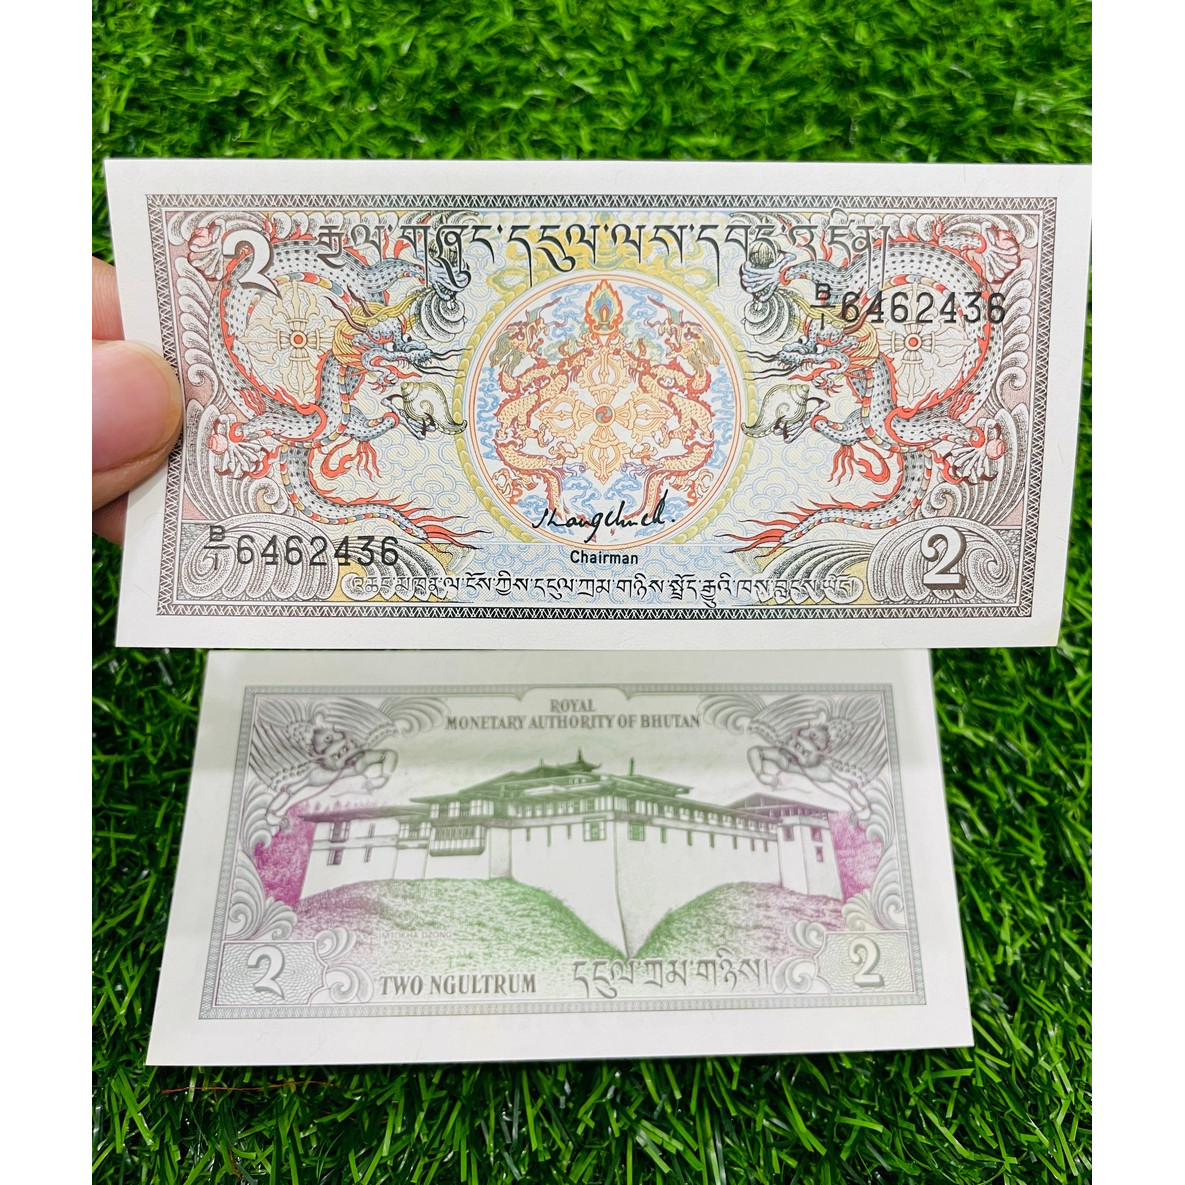 [HIẾM GẶP] Tiền Bhutan 2 Ngultrum 1986, tiền hình con rồng quà tặng người tuổi Thìn, mới 100% UNC, tặng túi nilon bảo quản